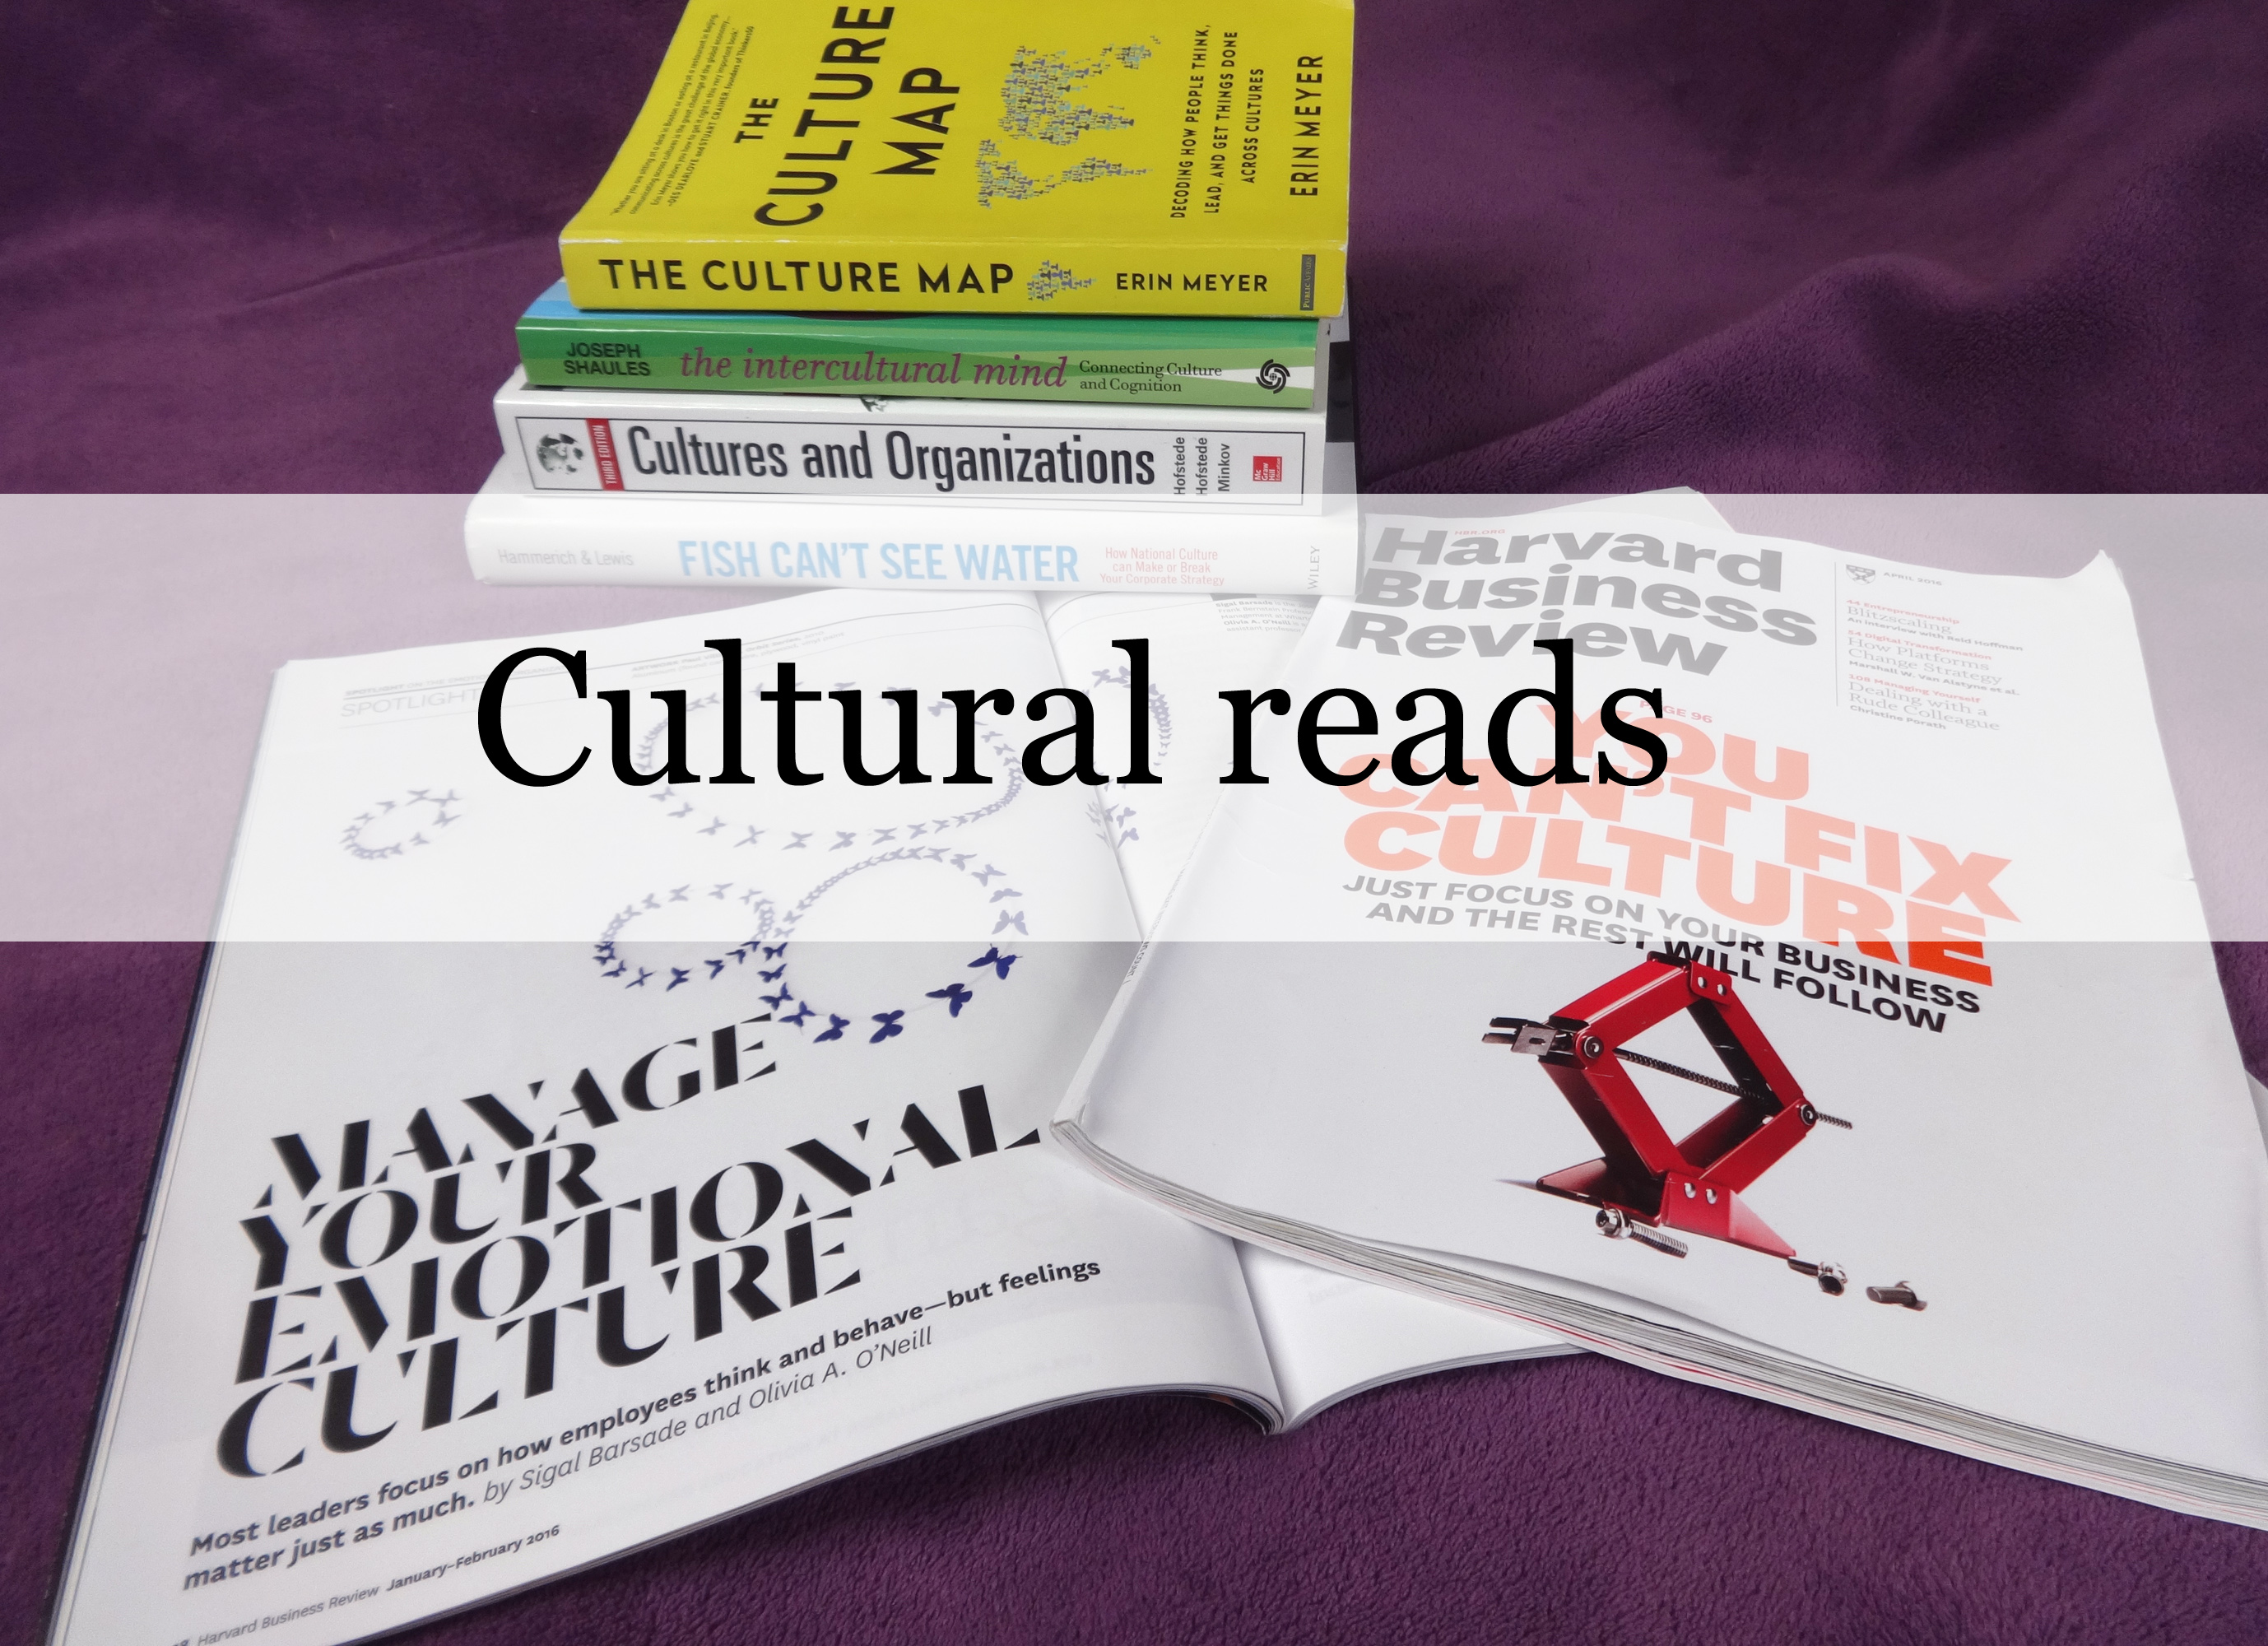 Cultural reads_ProjectAbroad.Eu